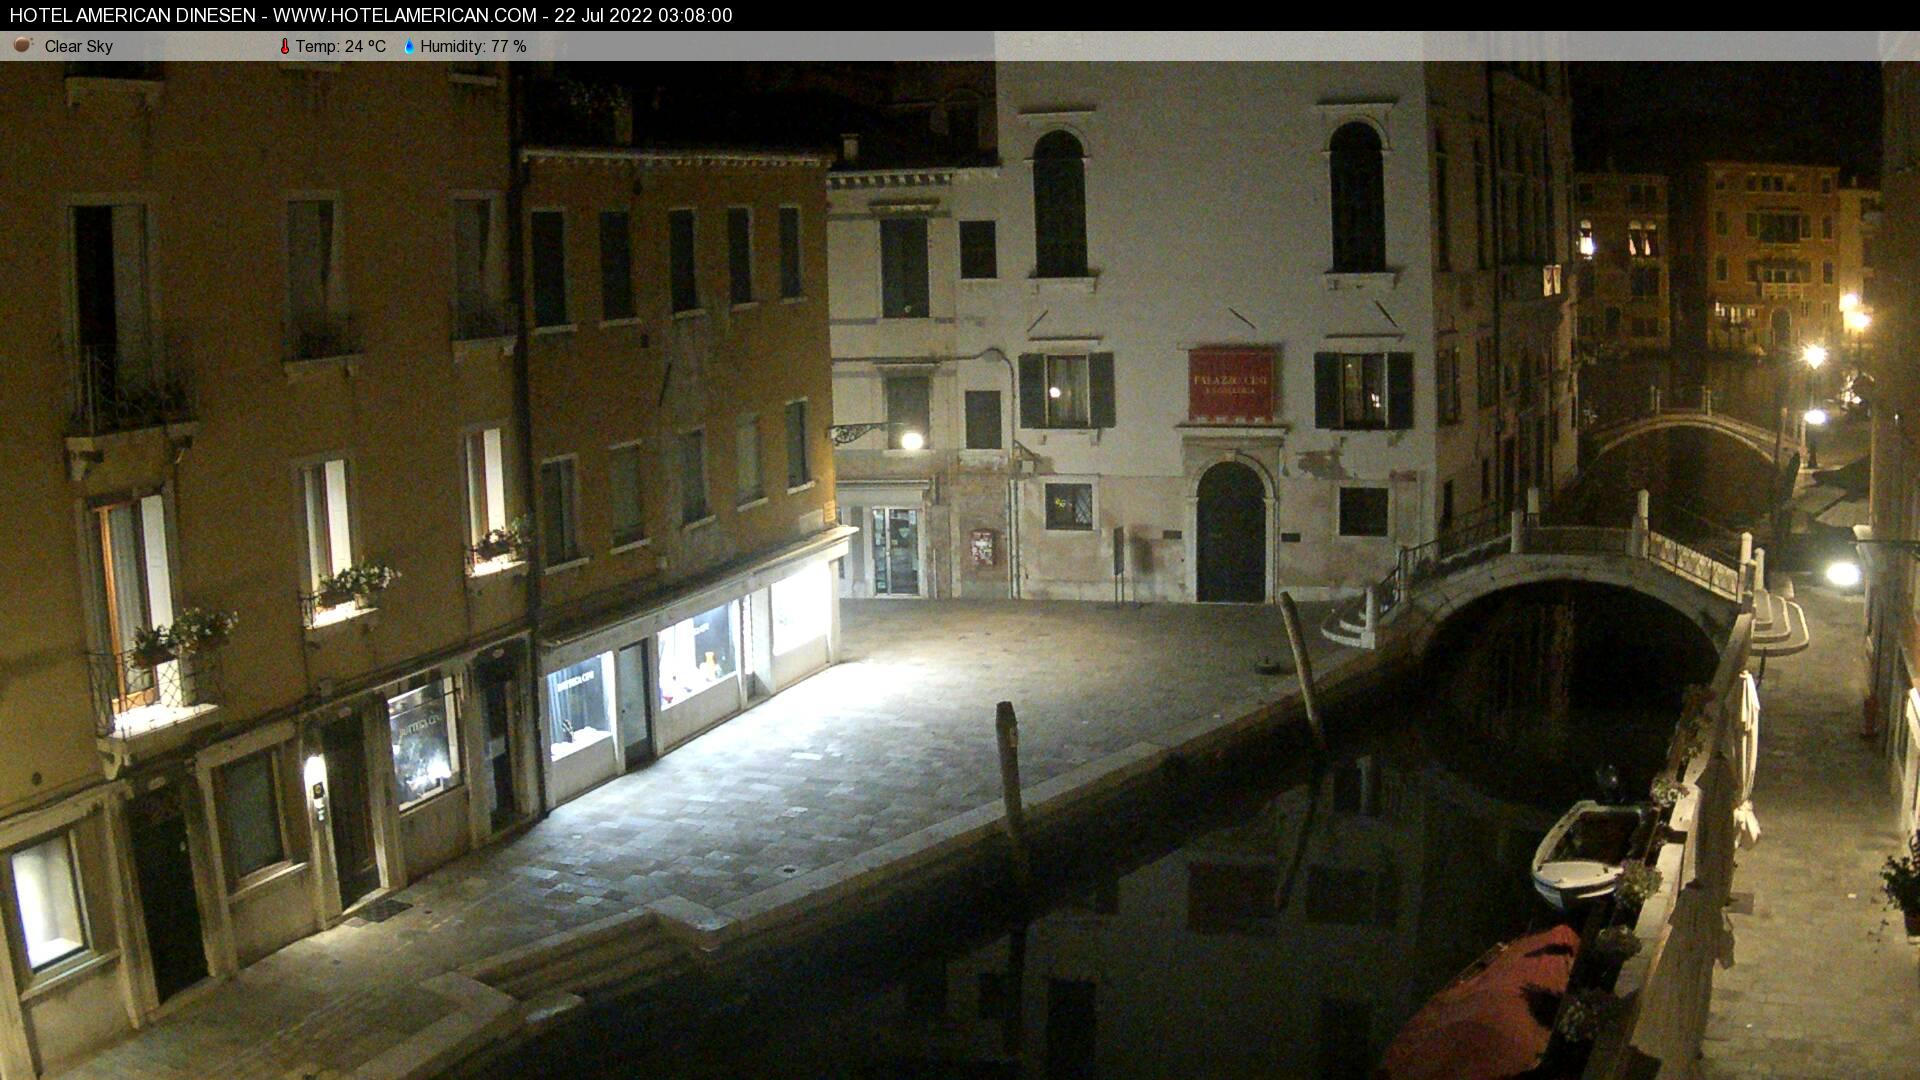 Venedig So. 03:08